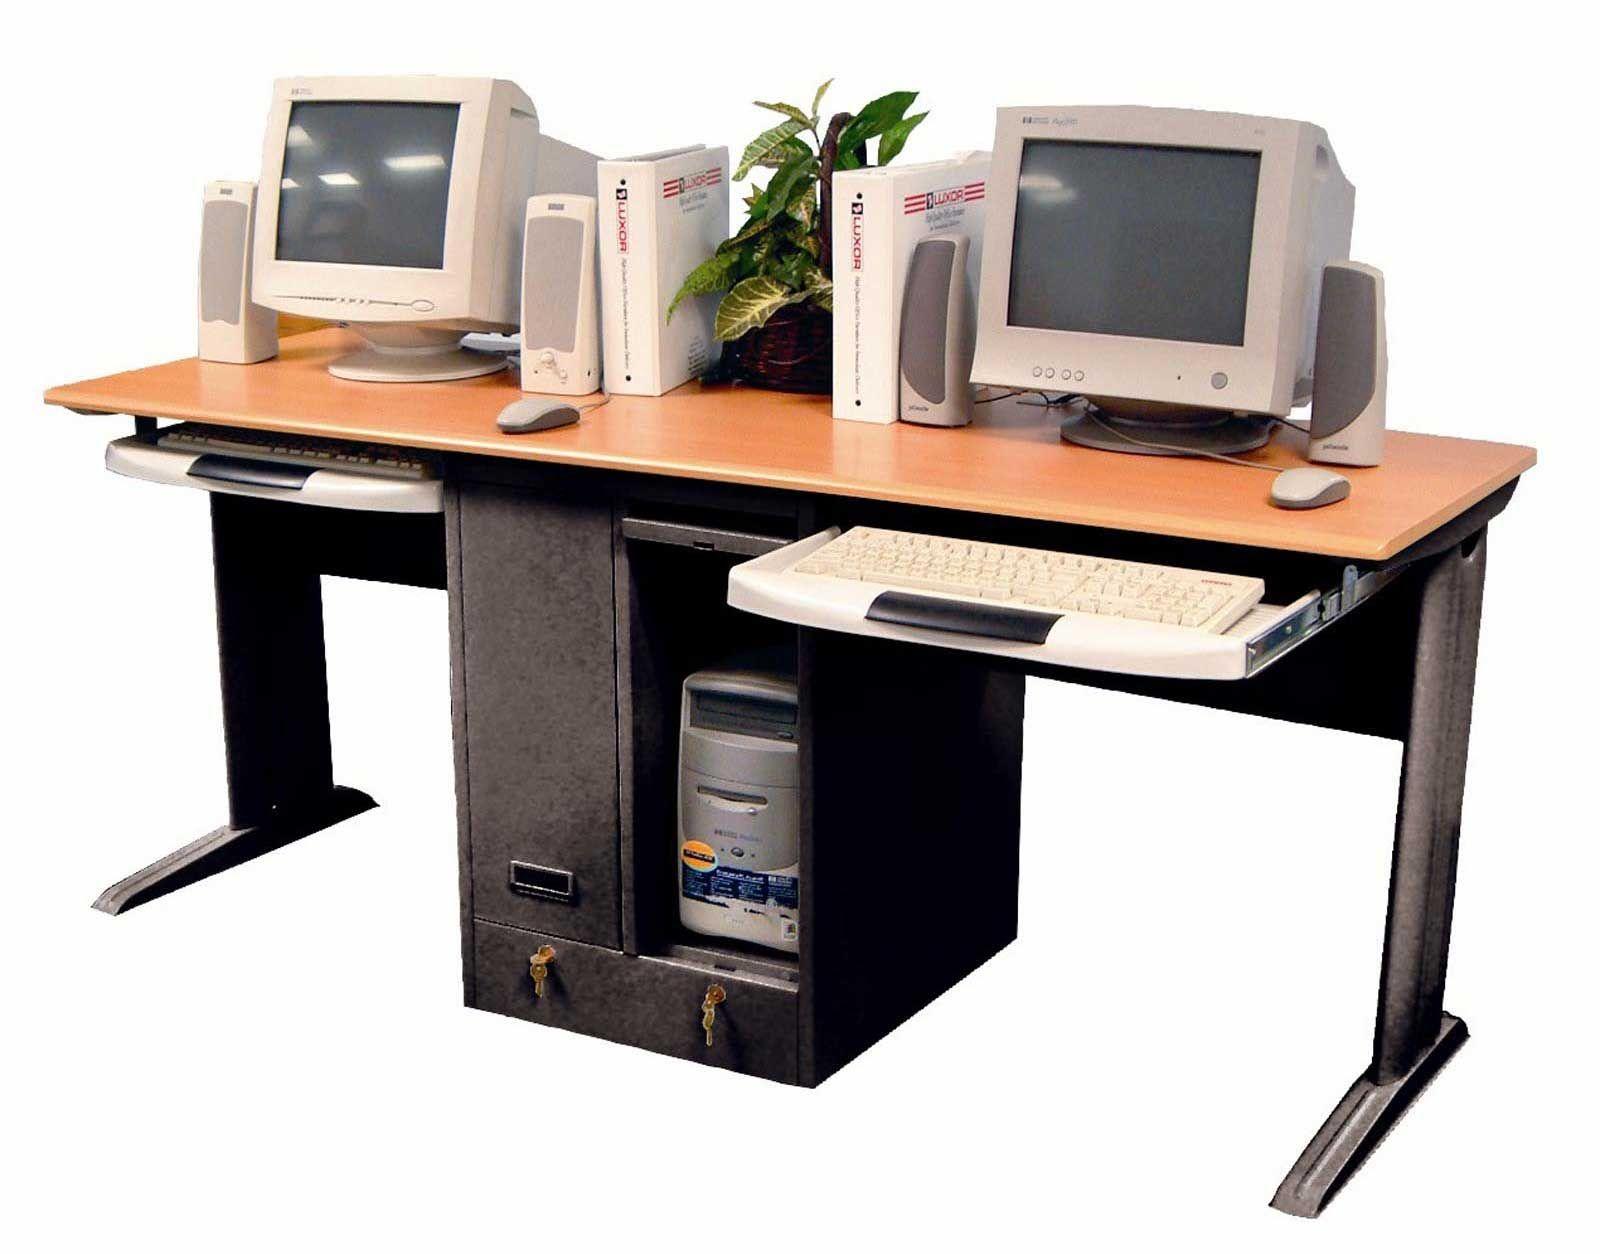 Dual puter Desk For Home Dual puter Desk For Home fice